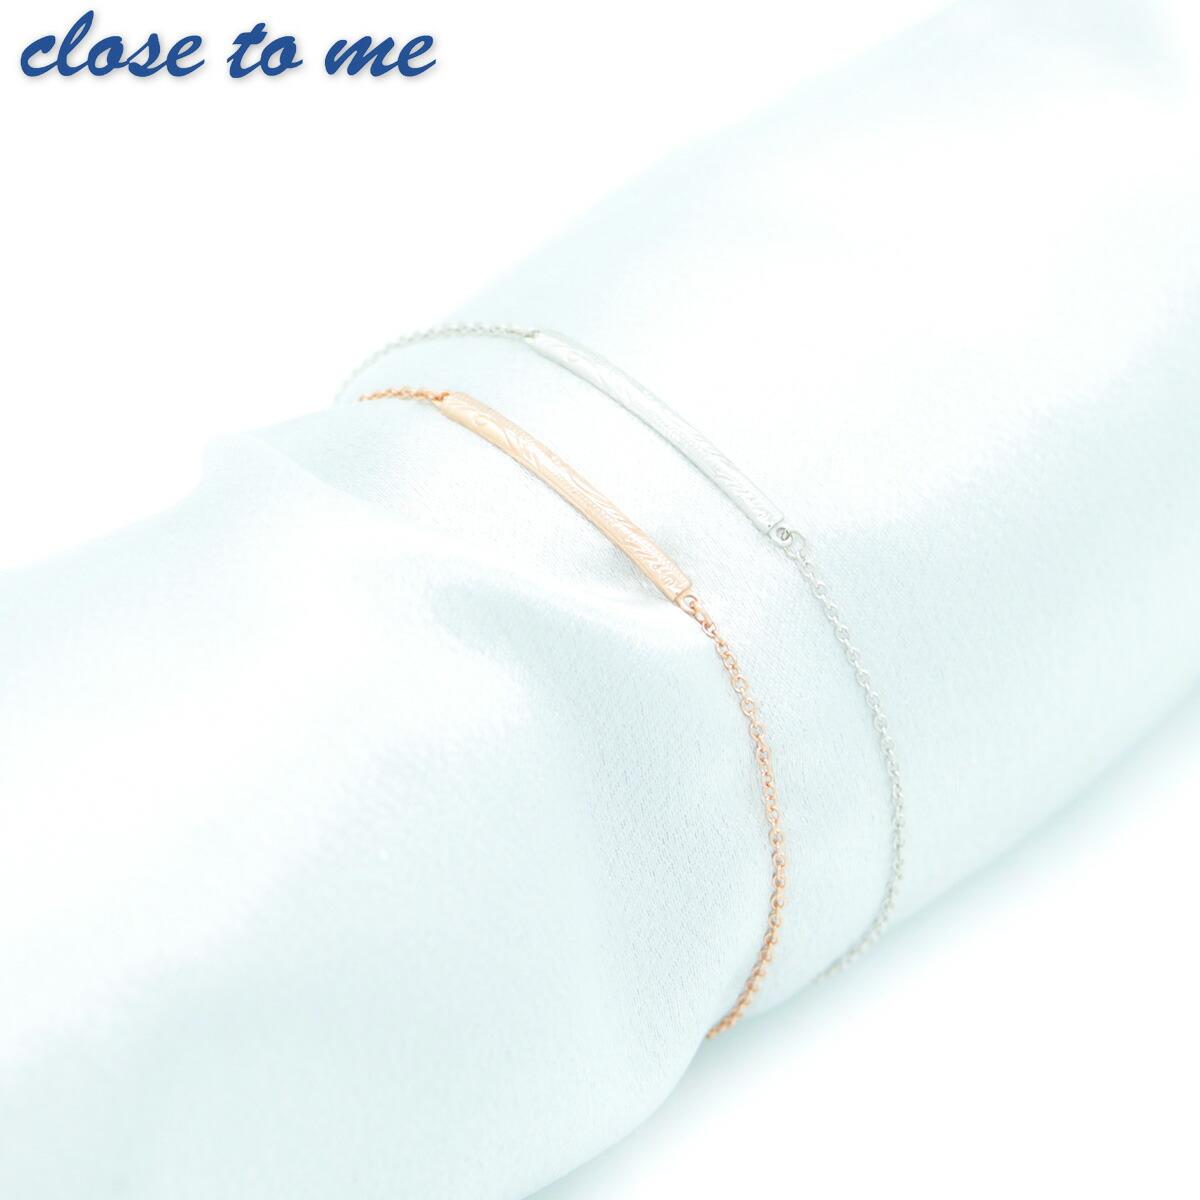 あす楽 close to me/クローストゥーミー ハワイアン ペア ブレスレット 波模様 あずきチェーン リア充 SBR13-071-072